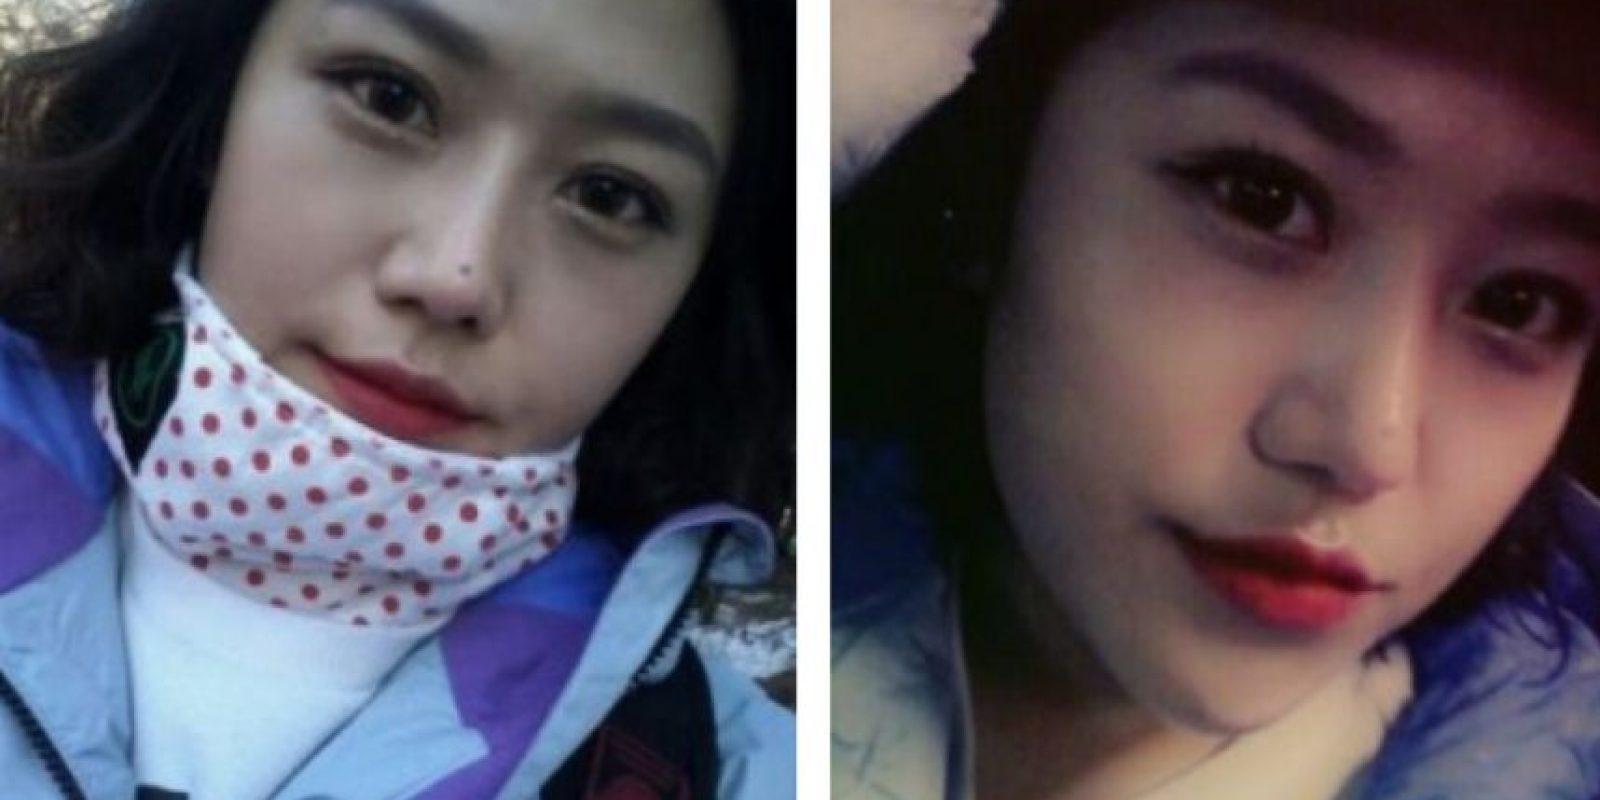 Los modelos de operaciones son de mujeres añiñadas. Foto: vía Korean Plastic Surgery /Tumblr